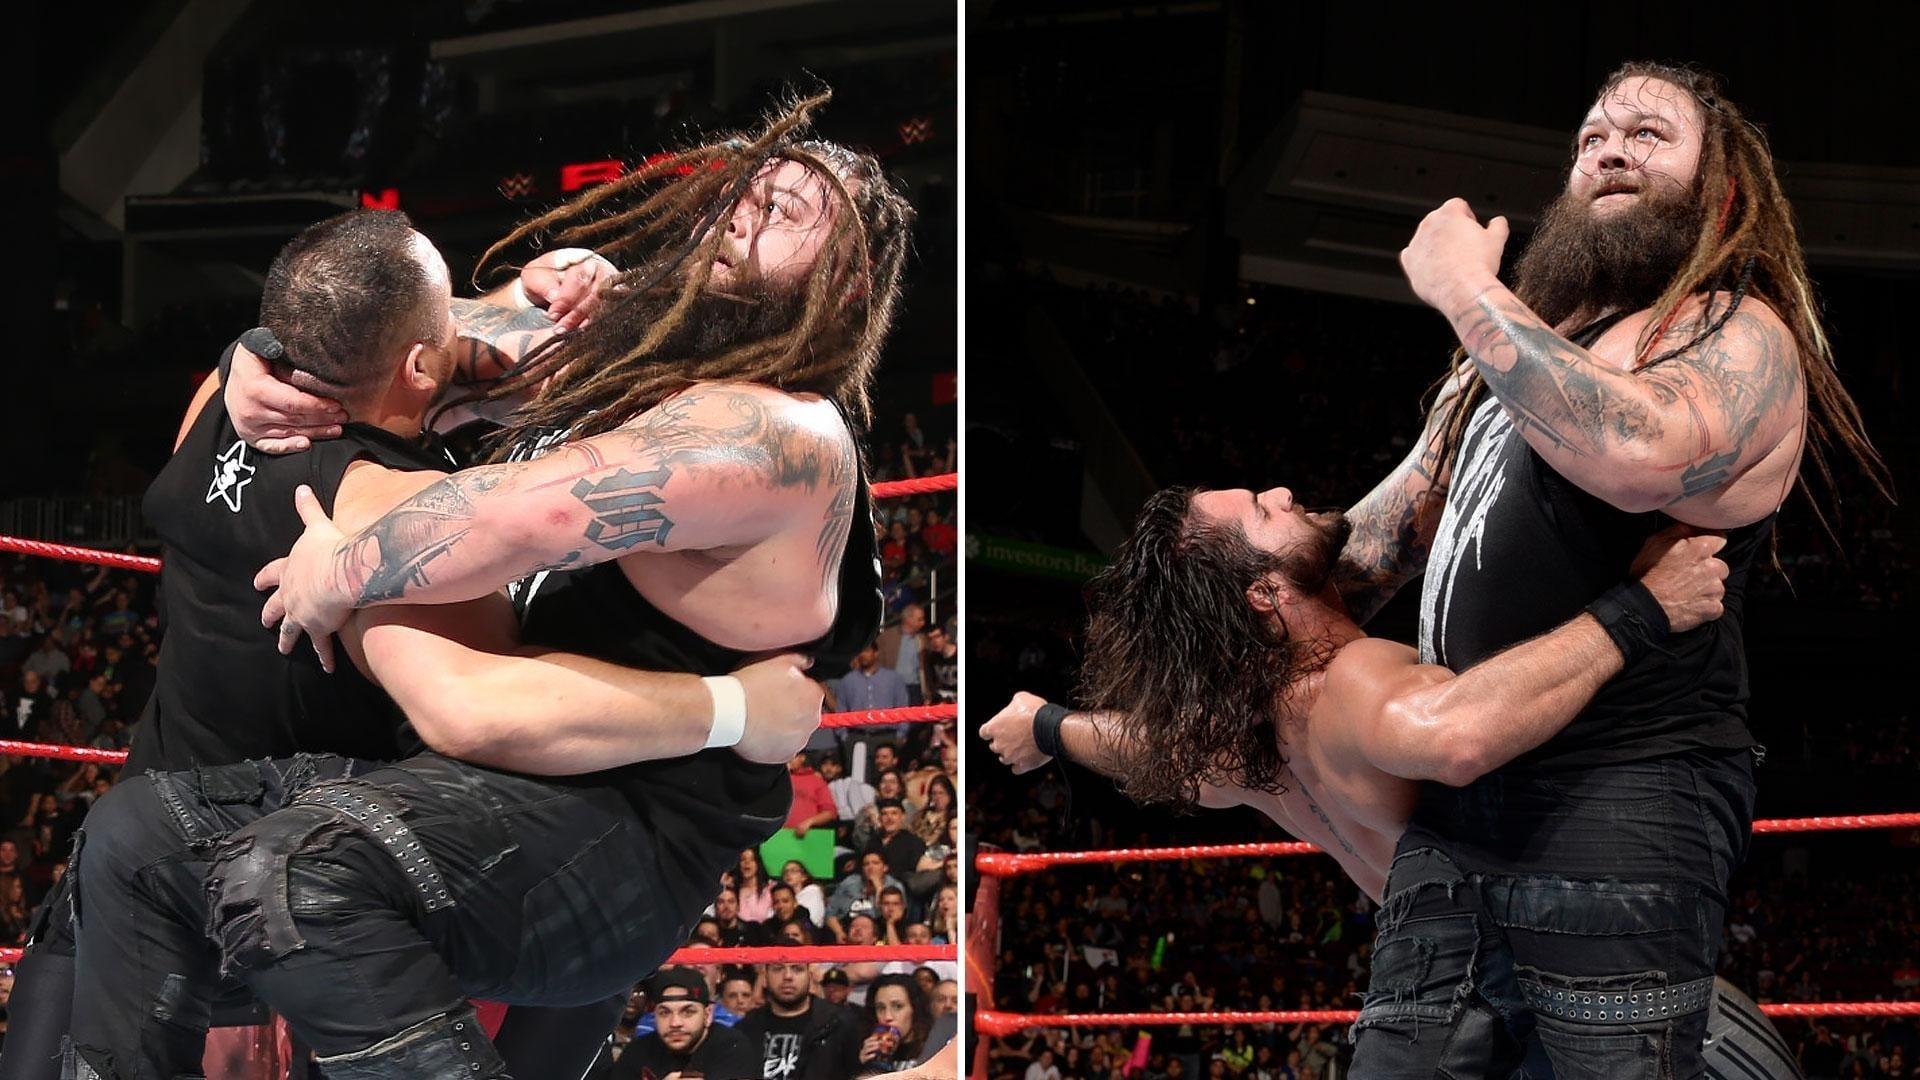 WWE Raw - Season 25 Episode 20 : May 15, 2017 (Newark, New Jersey)